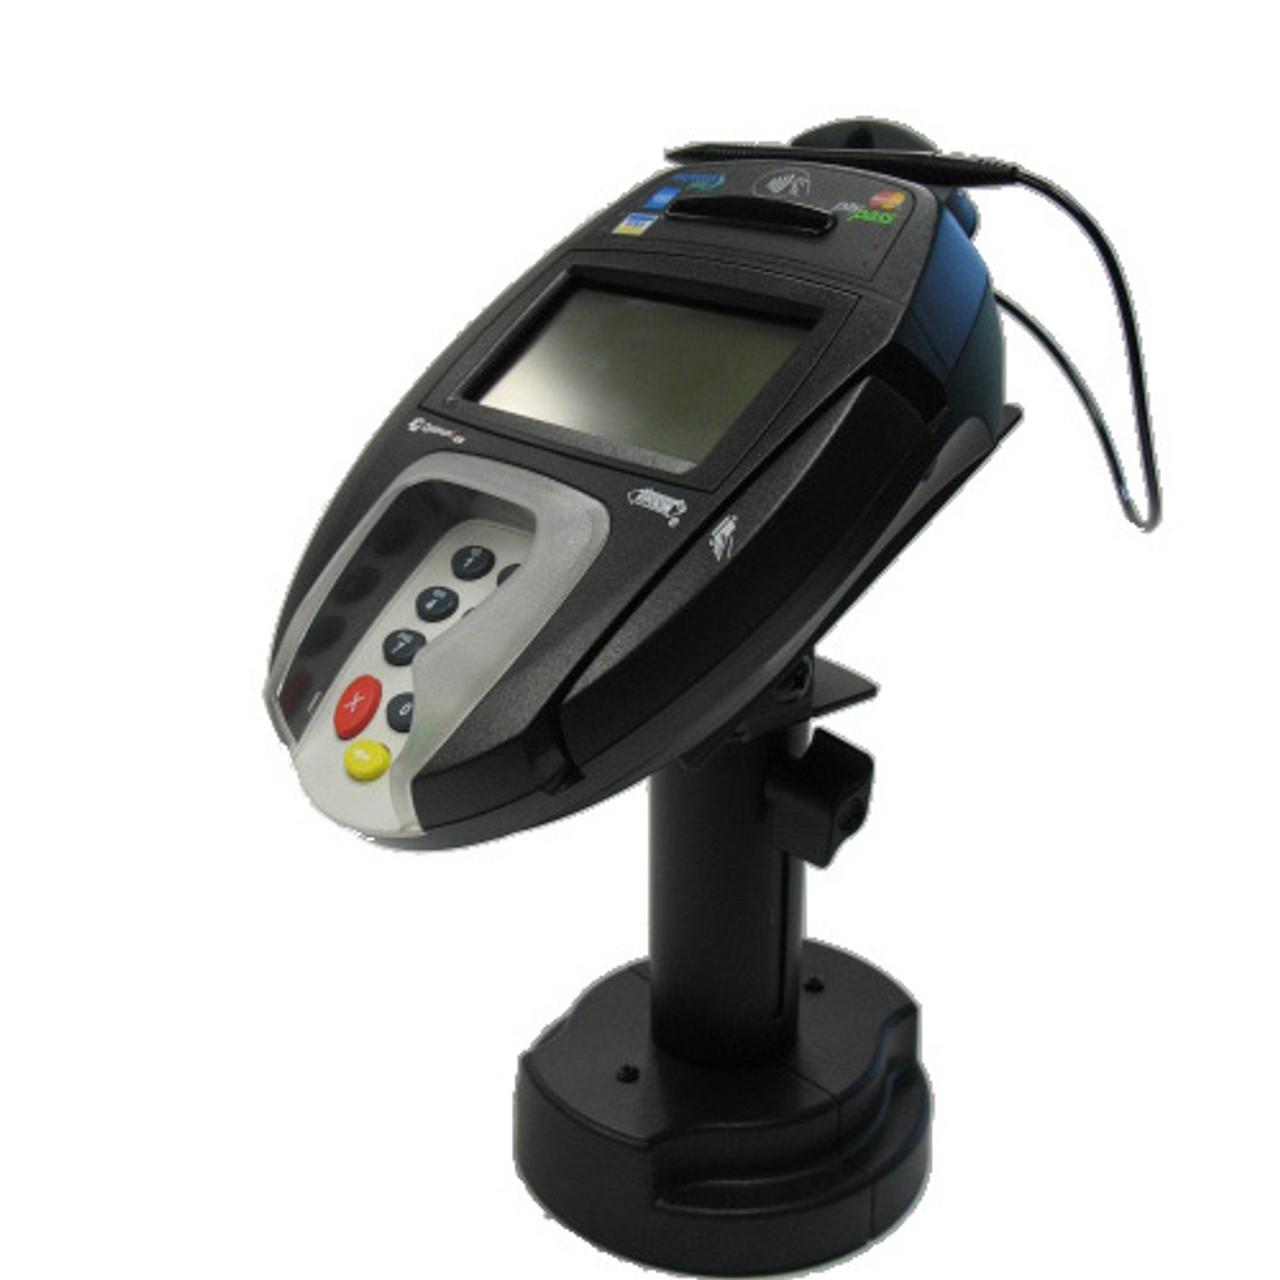 Swivel Stands Credit Card Stand Telescoping Pedestal Quick Release Honeywell HHP TT8500